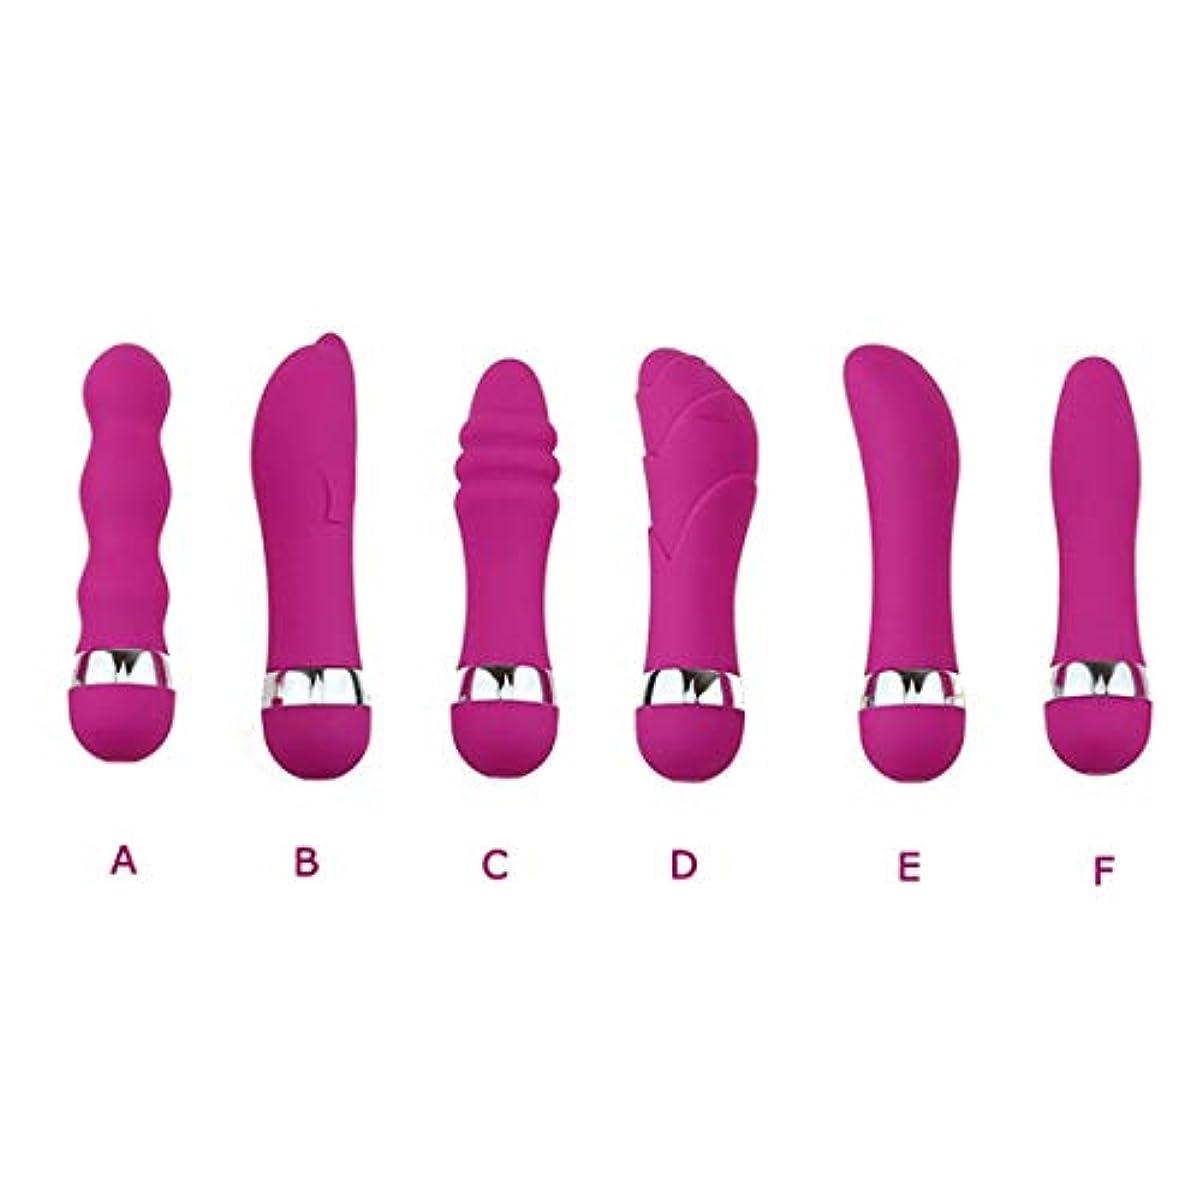 遮る未払いジュースZHITMRセクシーなミニ裏庭Gポイント女性バイブレーター大人カップル刺激シリコーンスティック スティック (サイズ : 6-piece set)